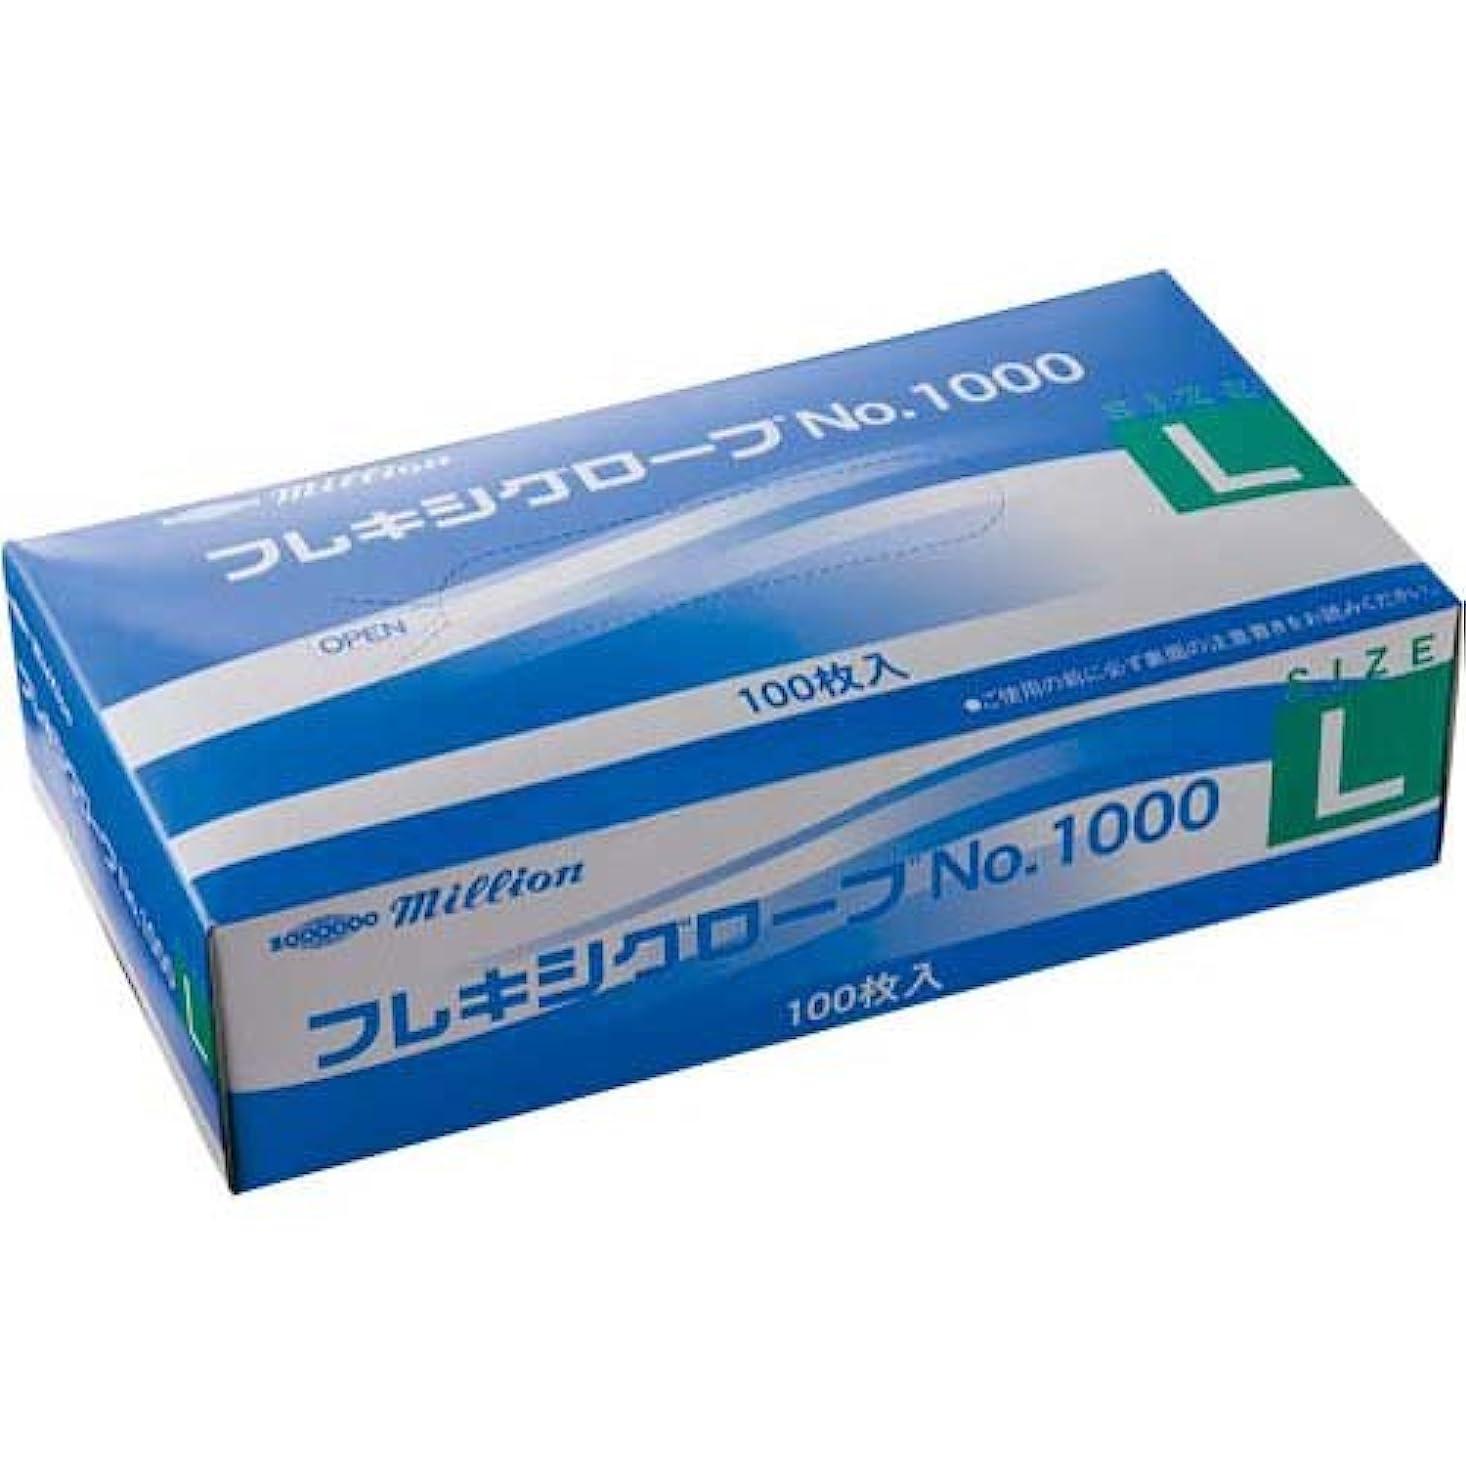 軌道楽観乱暴な共和 プラスチック手袋 粉付 No.1000 L 10箱